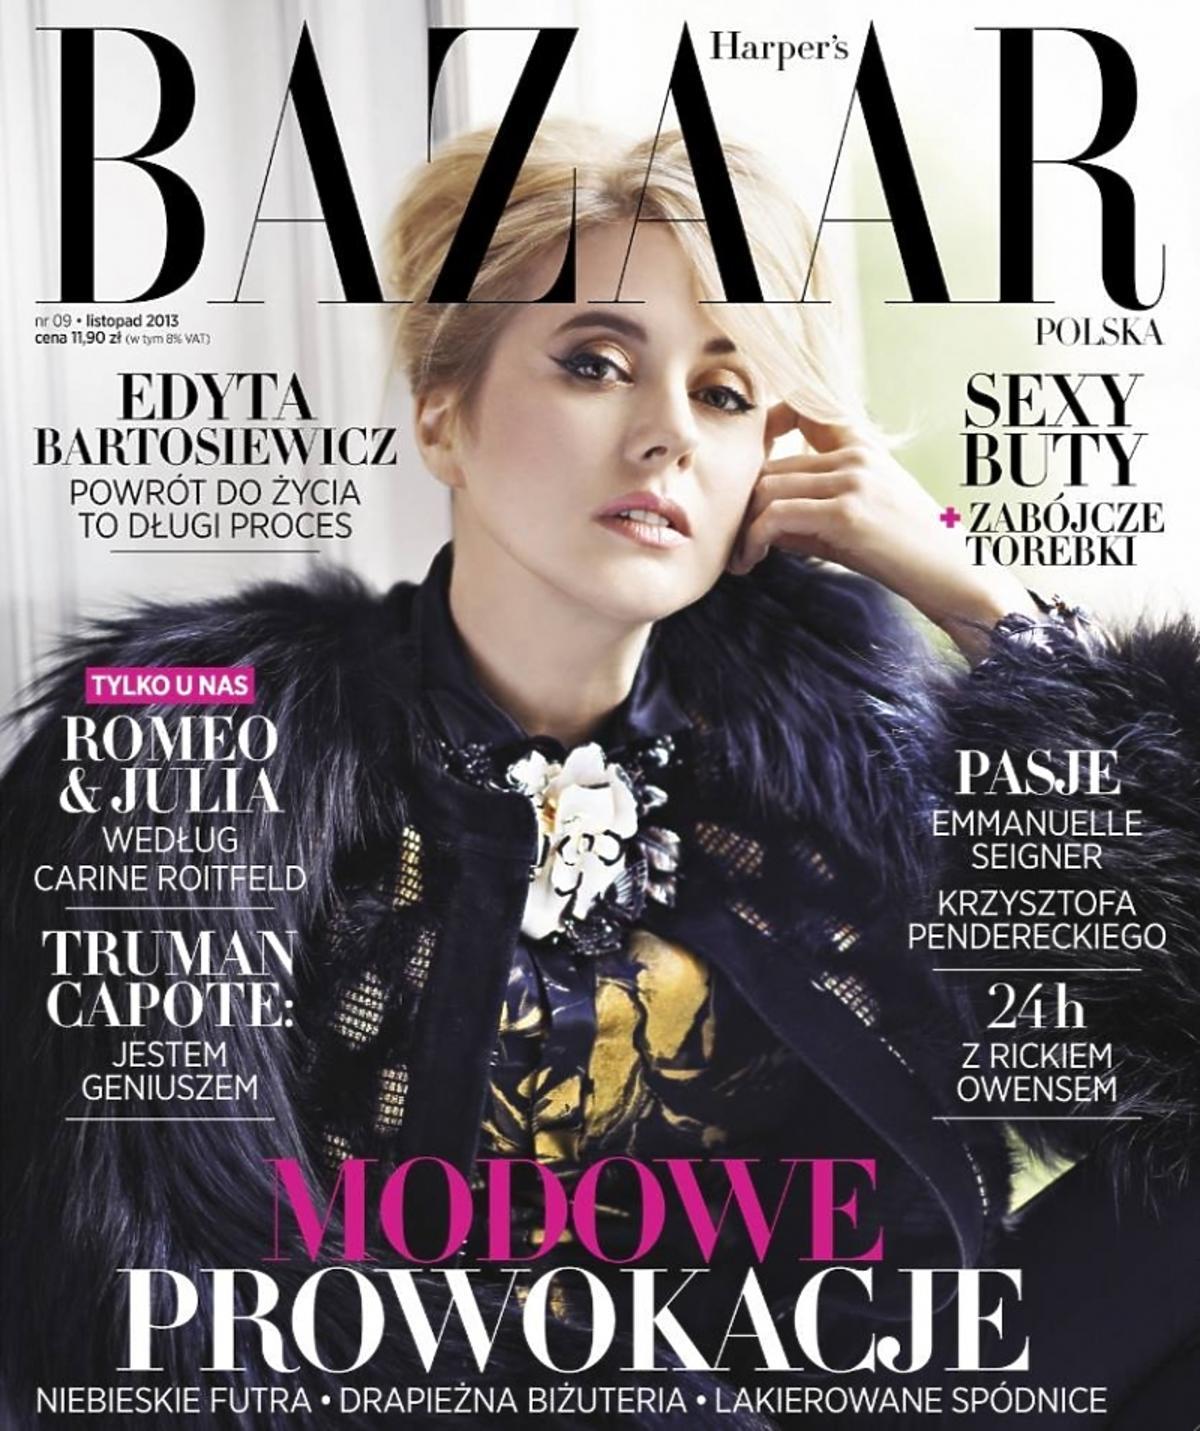 Edyta Bartosiewicz na okładce Harper's Bazaar